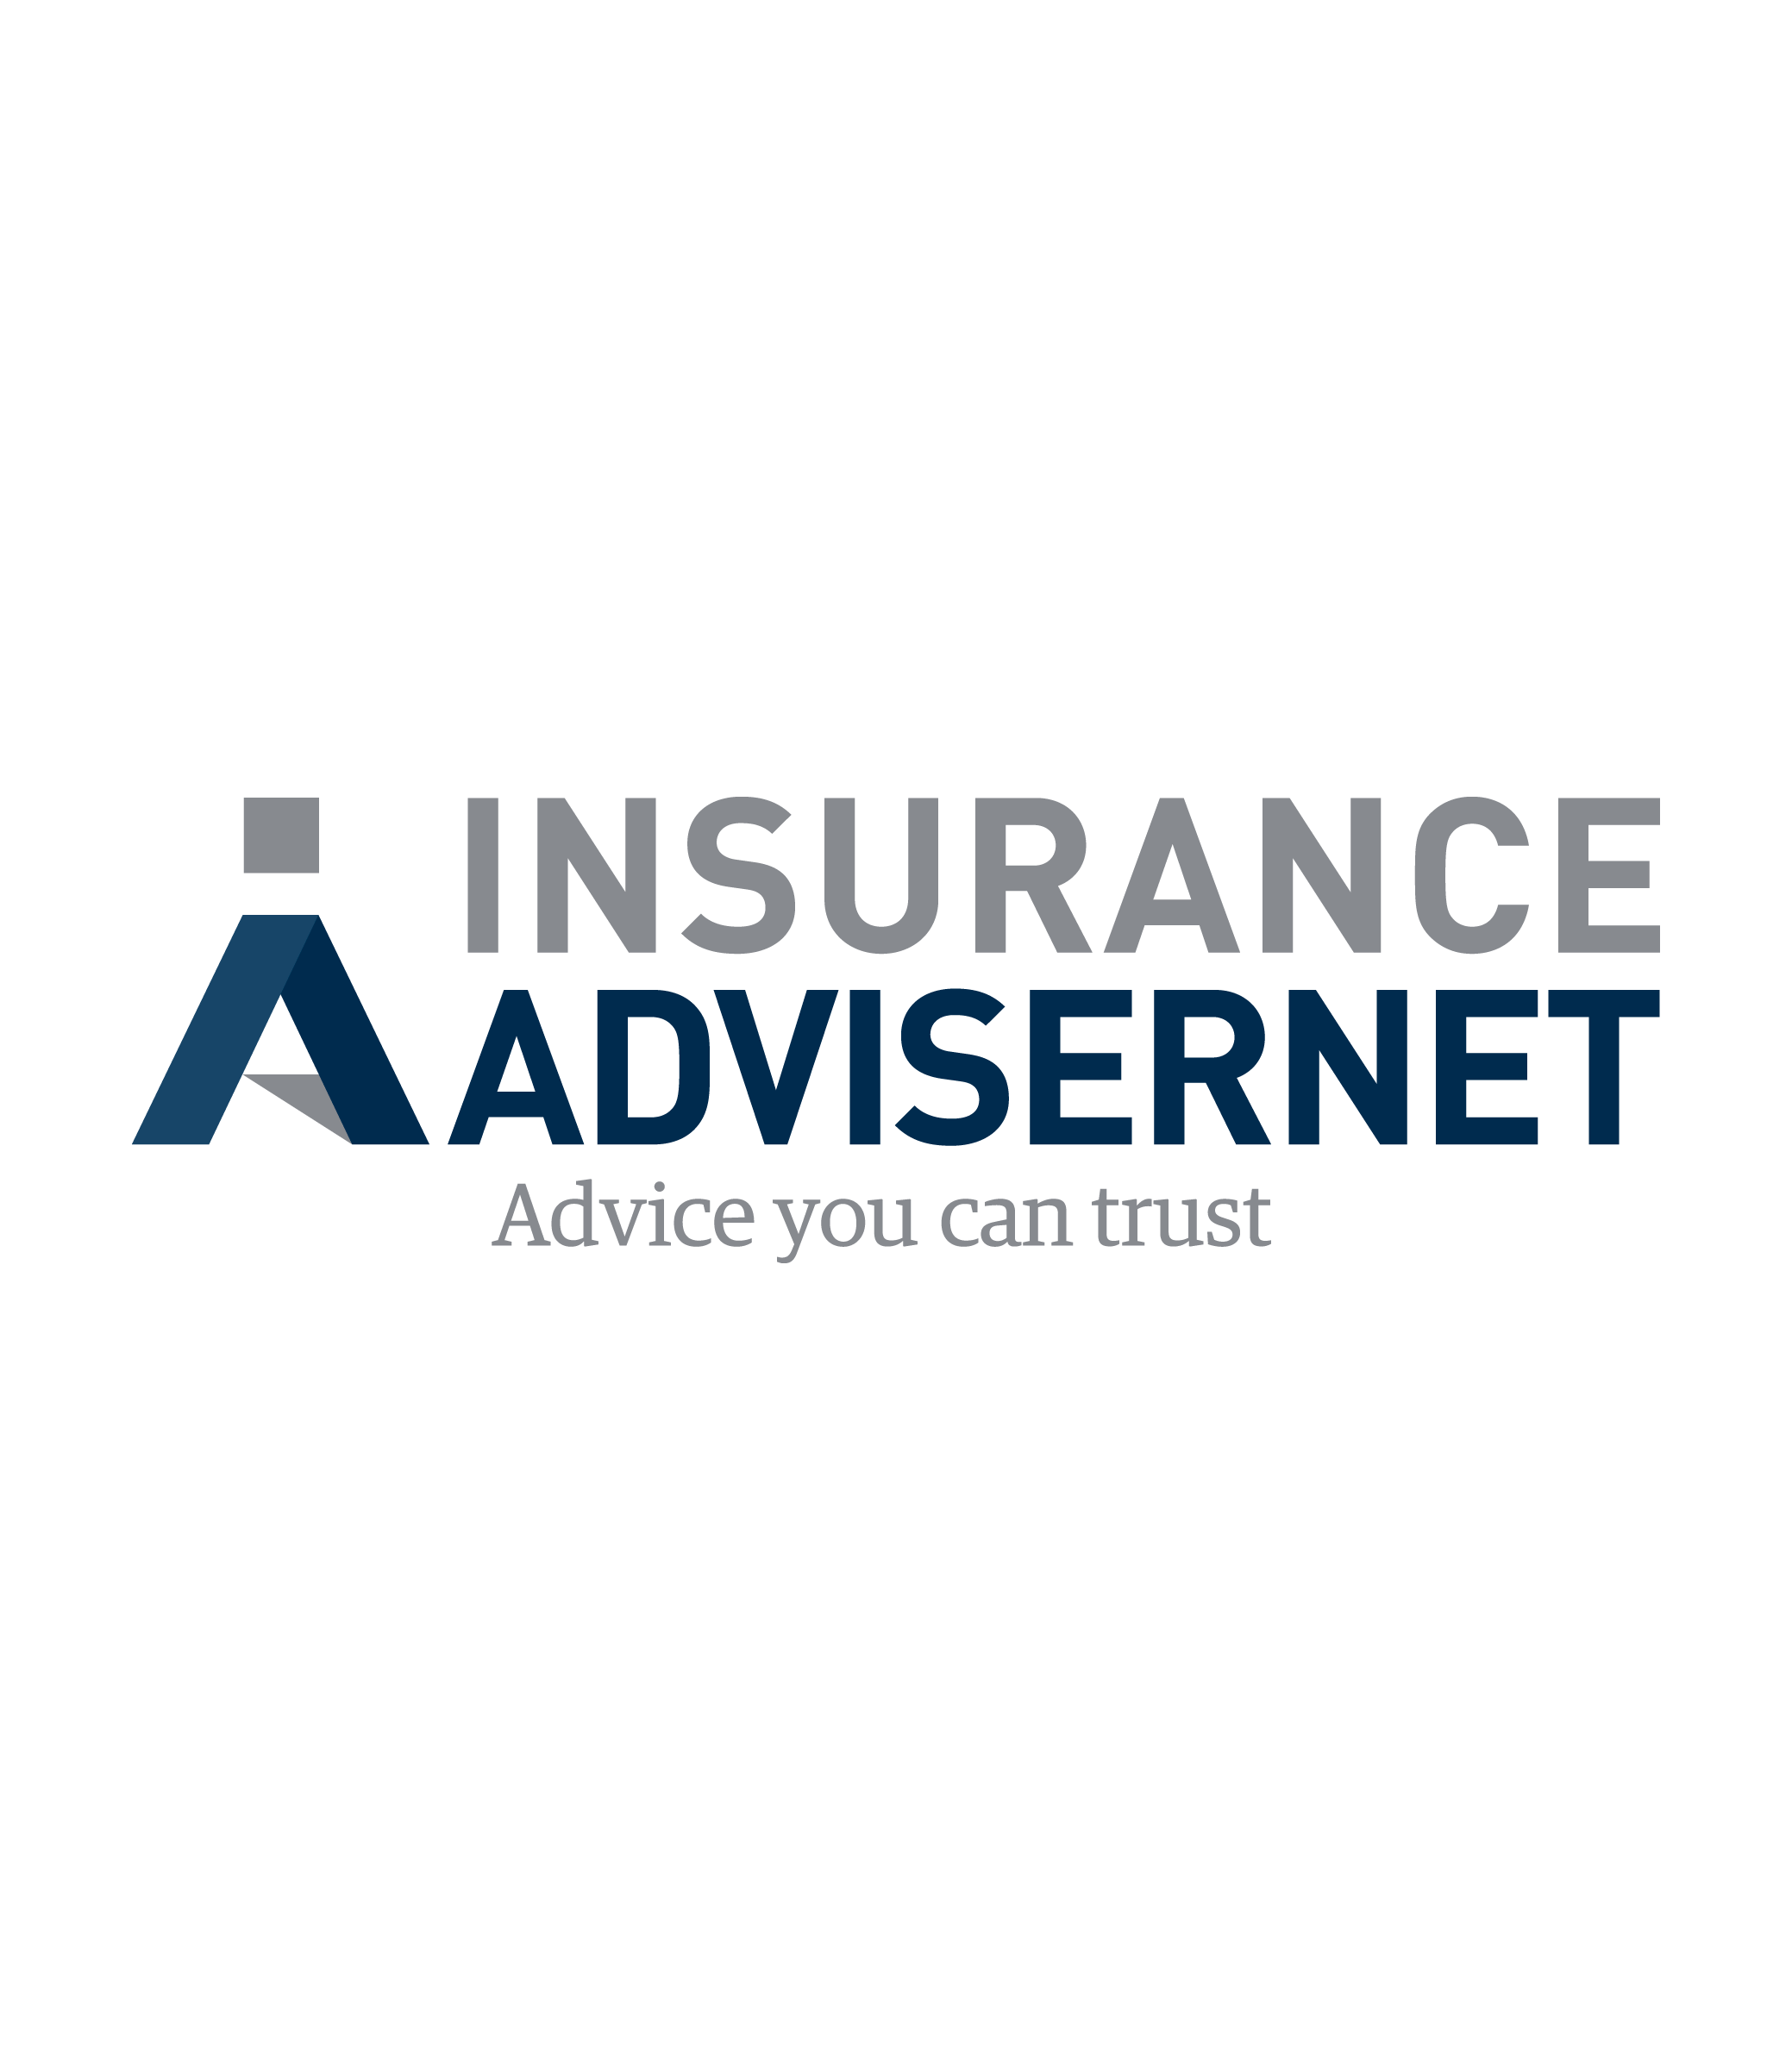 Insurance Advisernet Australia